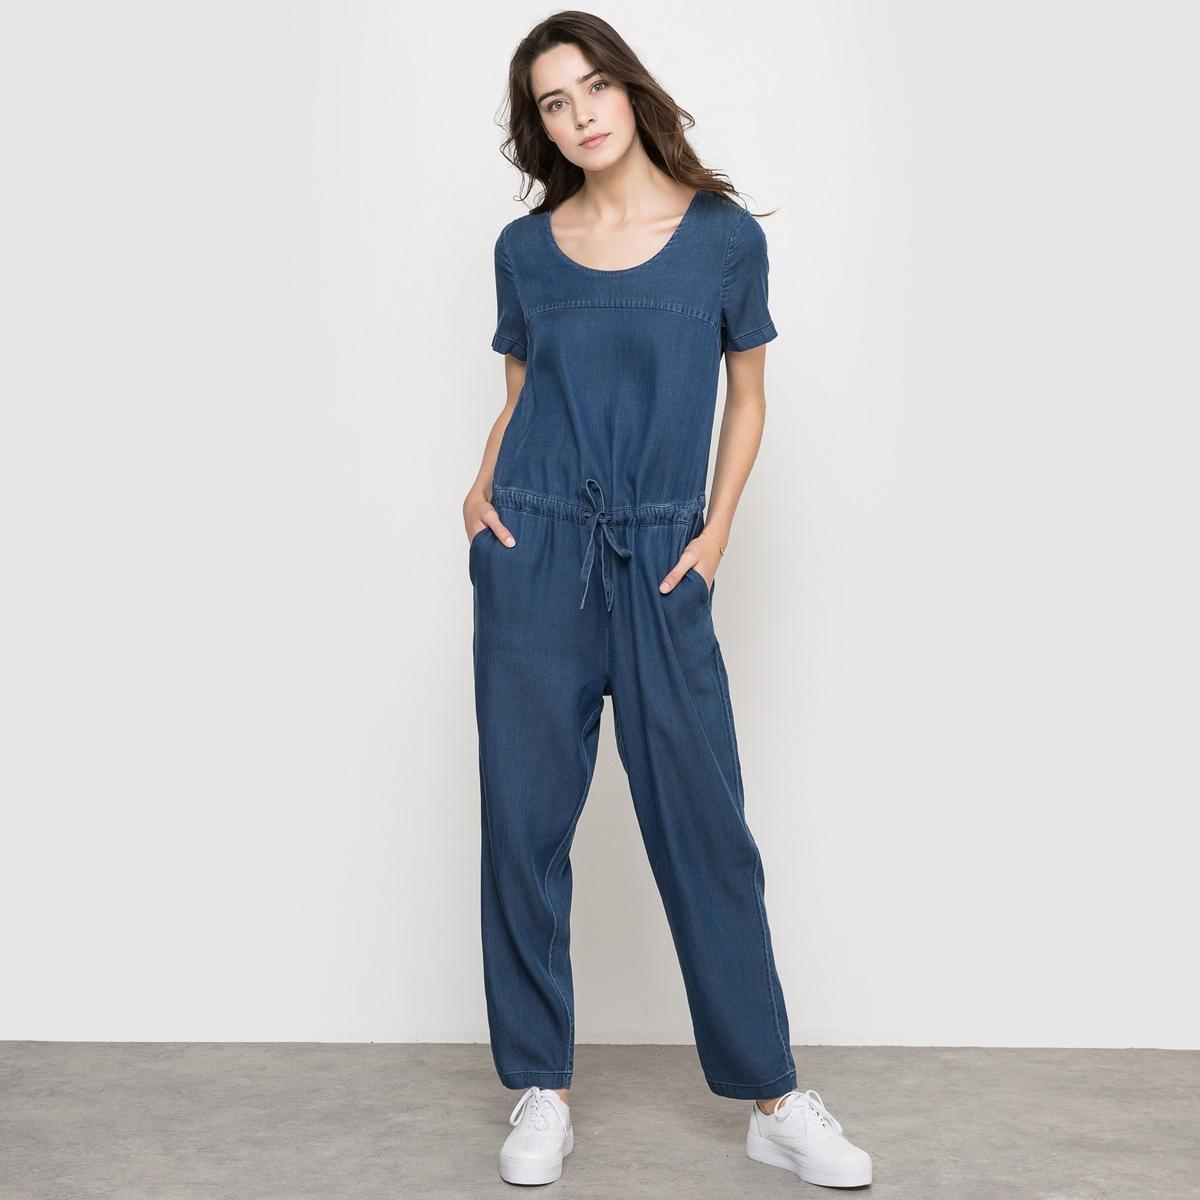 Комбинезон из ткани под джинсуКомбинезон из ткани под джинсу. Легкая ткань, 70% лиосела, 30% хлопка. Короткие рукава. Завязки на талии. Эластичный пояс. 2 боковых кармана . Длина по внутр.шву 68 см . Ширина по низу: 18 см.<br><br>Цвет: синий индиго<br>Размер: XS.S